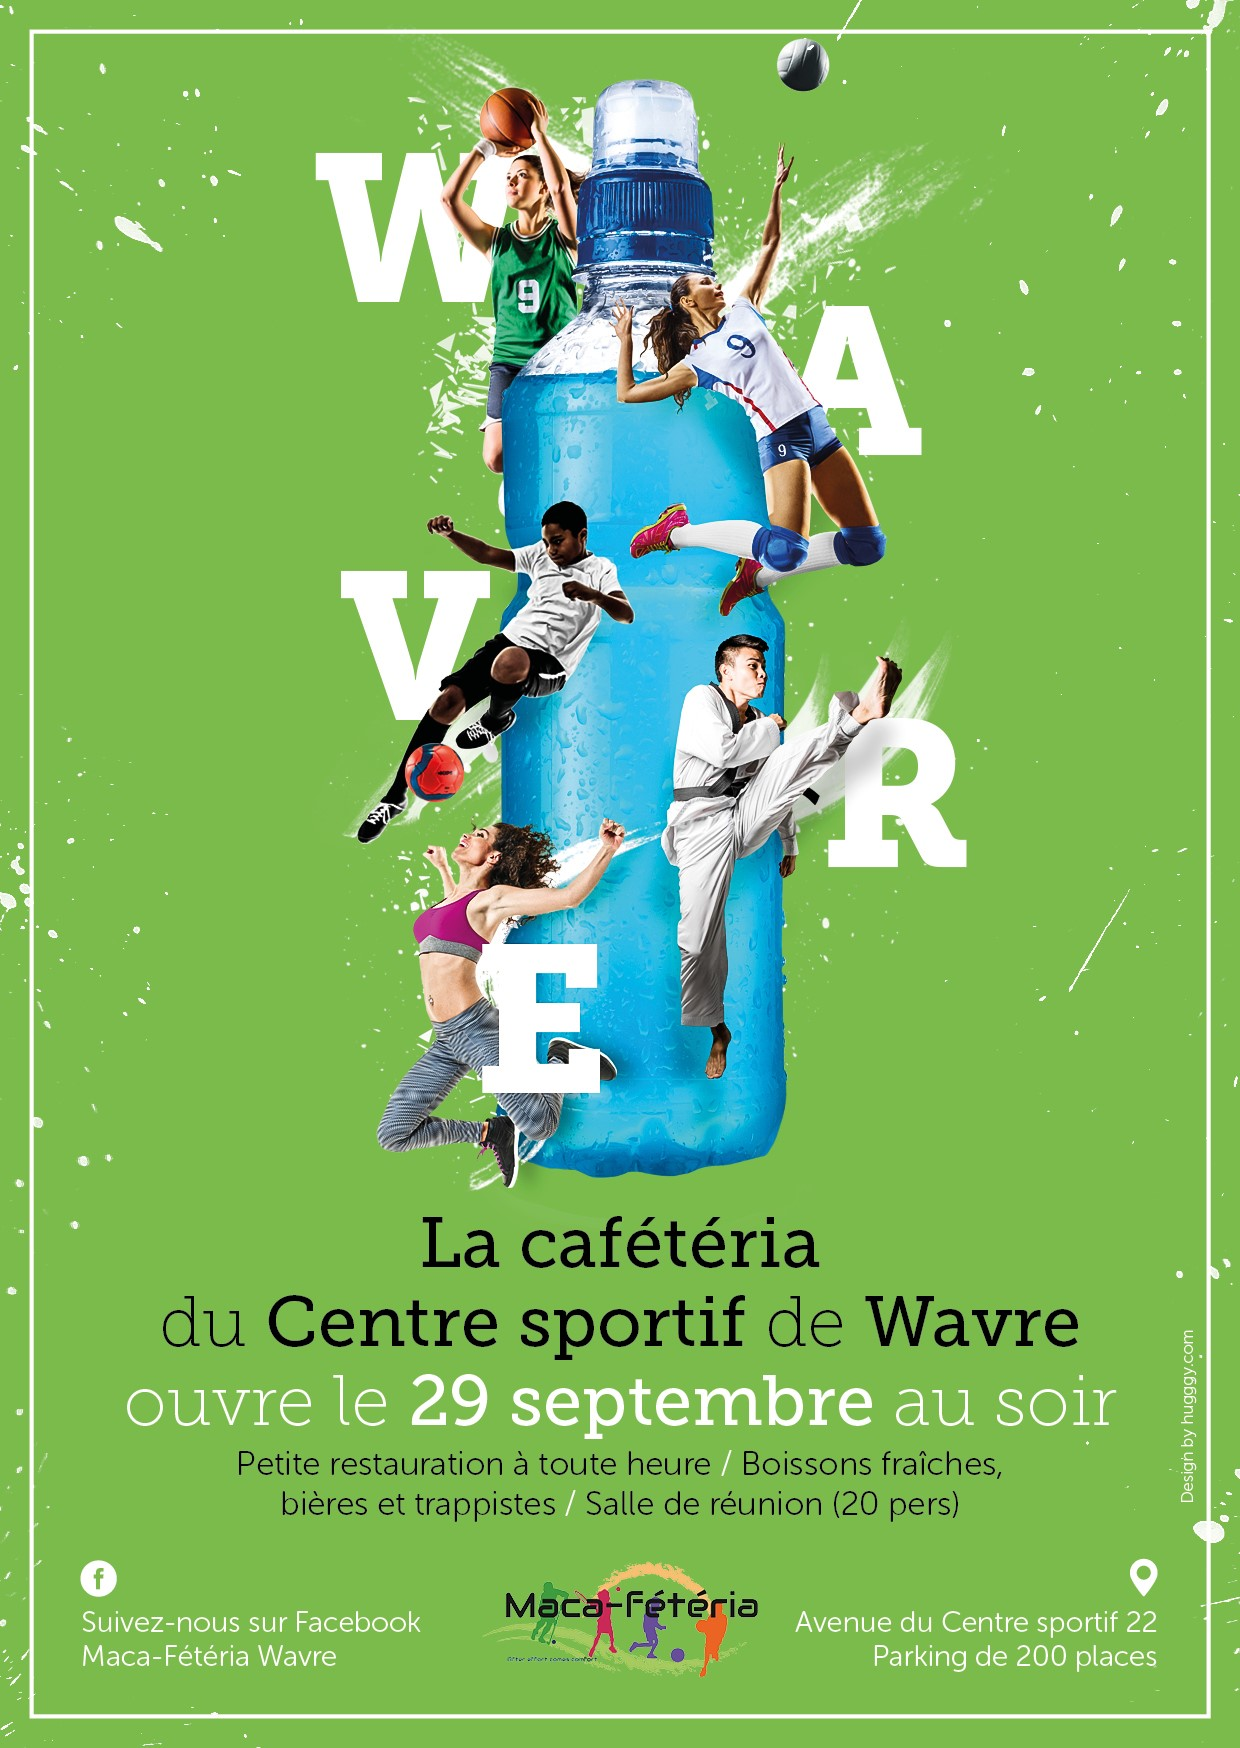 Le 29 septembre 2017, la cafétéria du Centre sportif de Wavre a ouvert ses portes !